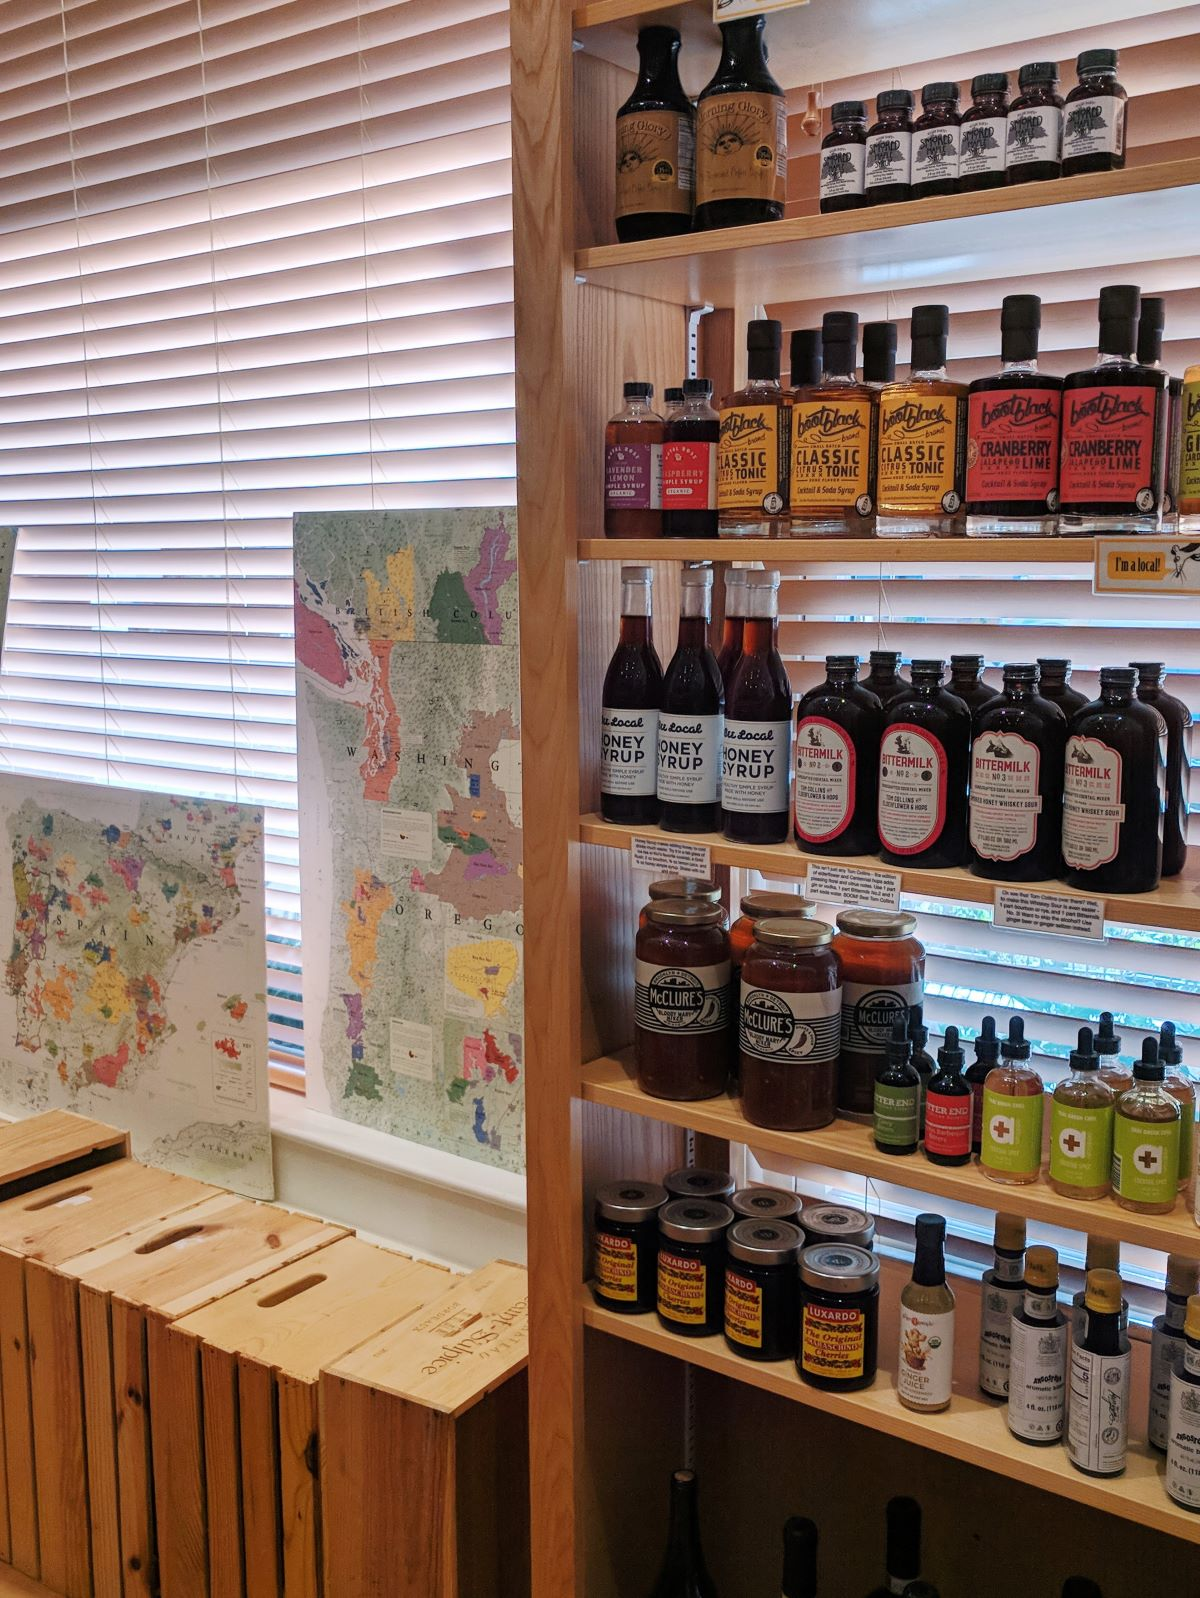 shelf of syrups and tonics